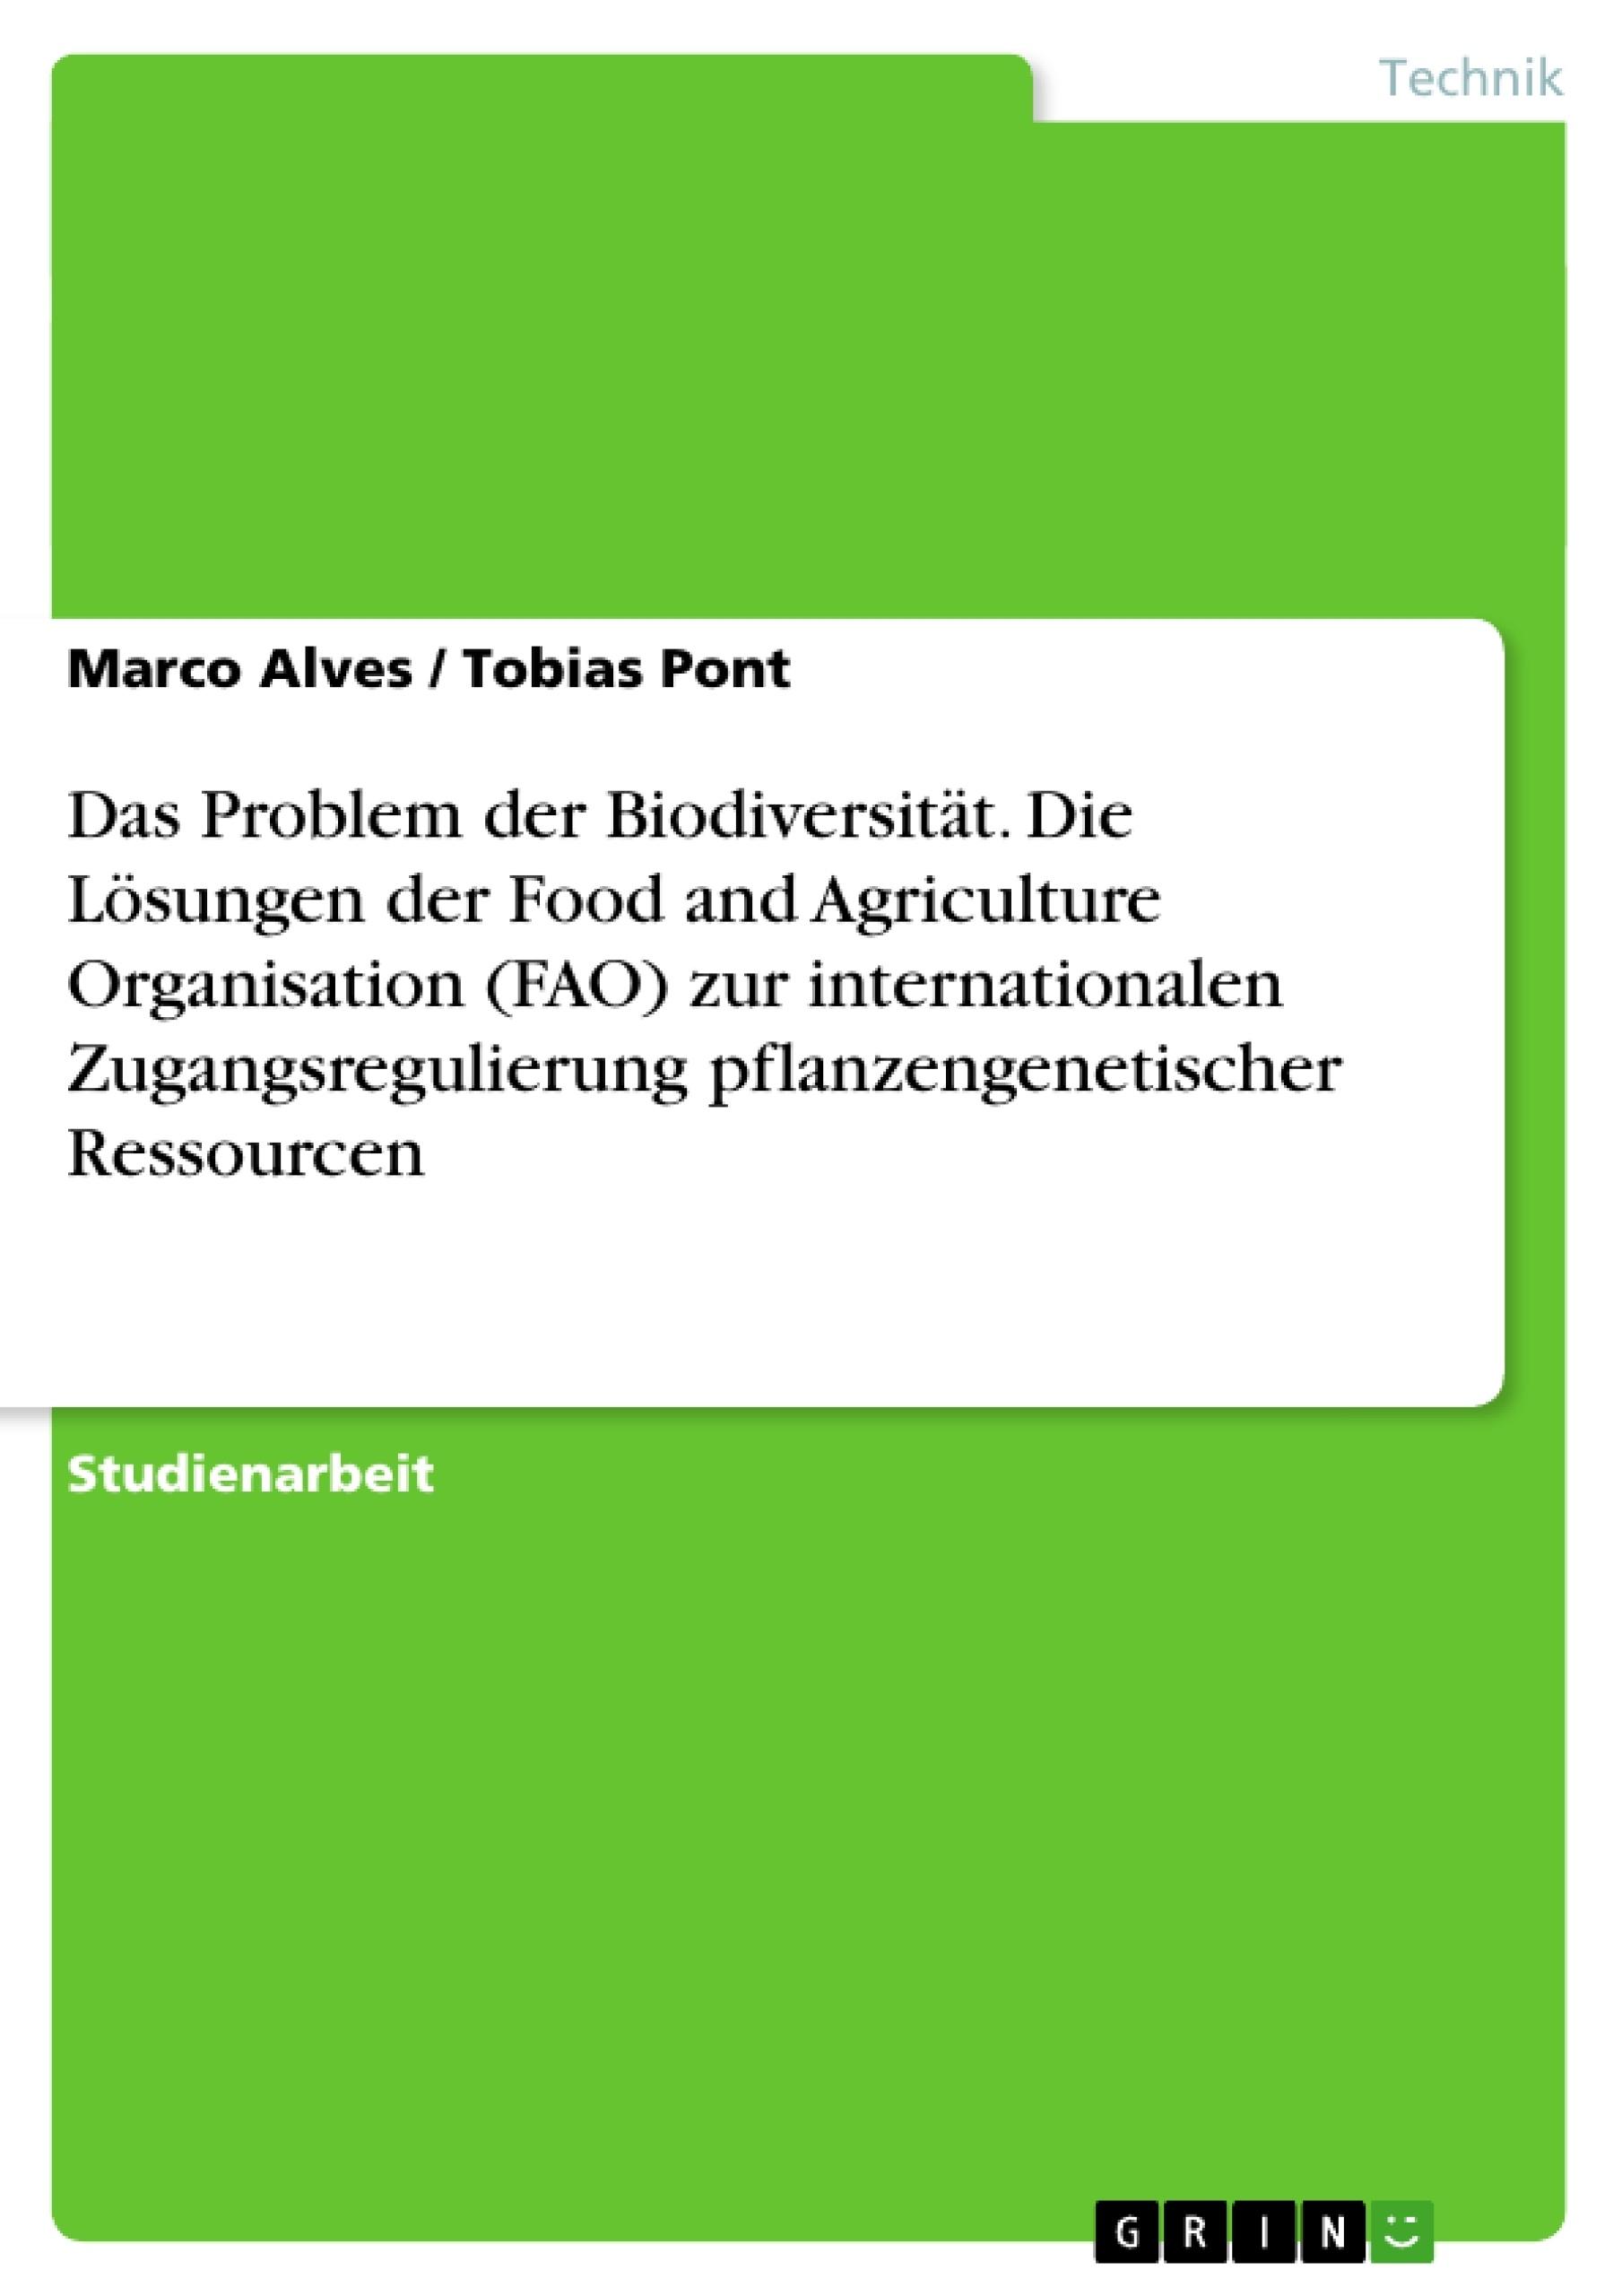 Titel: Das Problem der Biodiversität. Die Lösungen der Food and Agriculture Organisation (FAO) zur internationalen Zugangsregulierung pflanzengenetischer Ressourcen